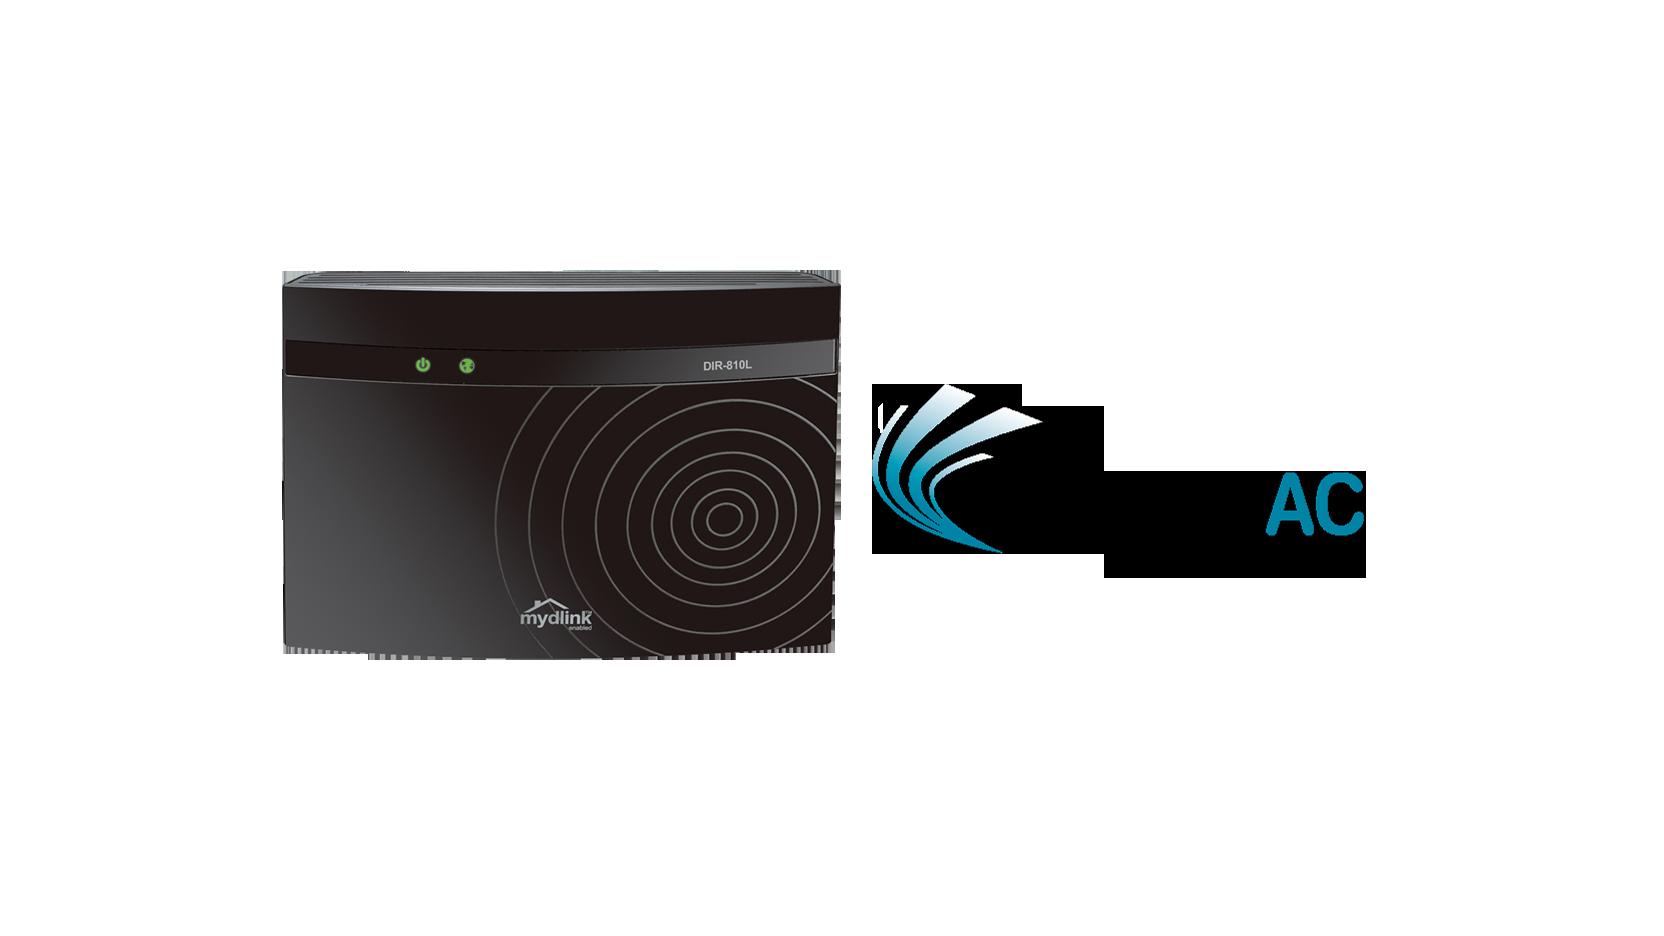 DIR-810L Wireless AC750 Dual-Band Cloud Router | D-Link Deutschland